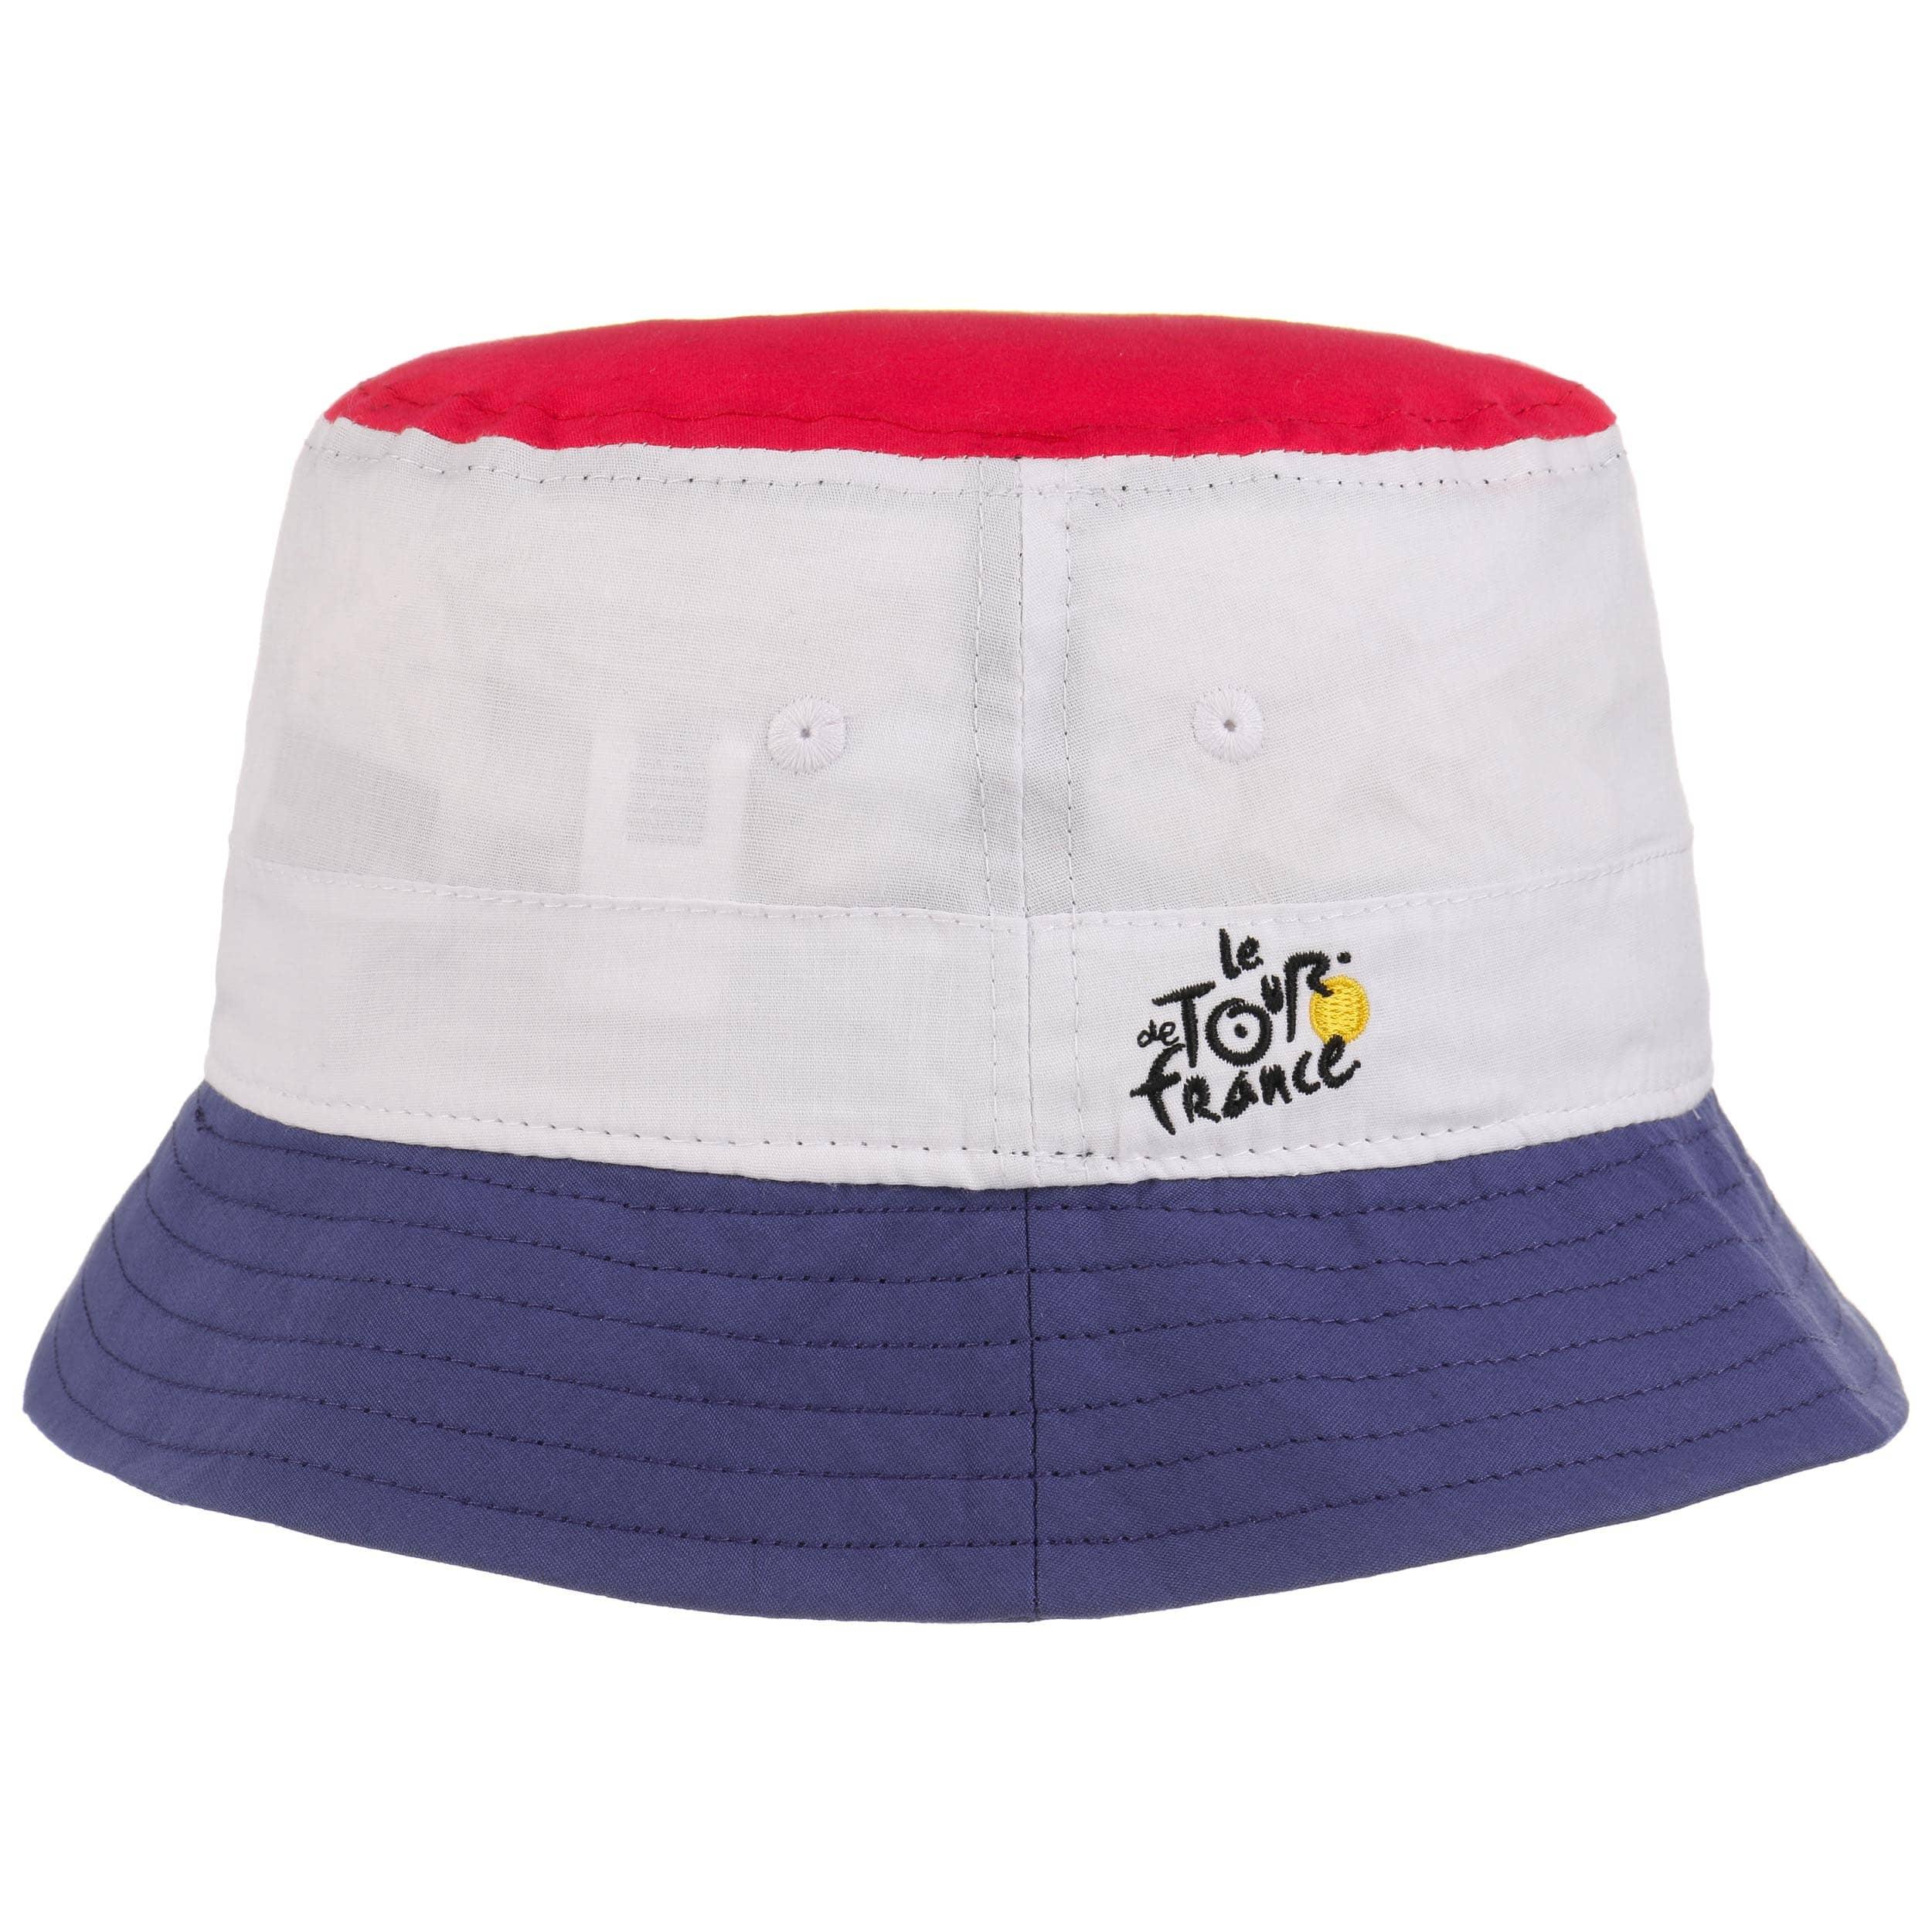 ... Tour De France Bucket Hat by New Era - white 5 9ac8f6c2a0ab